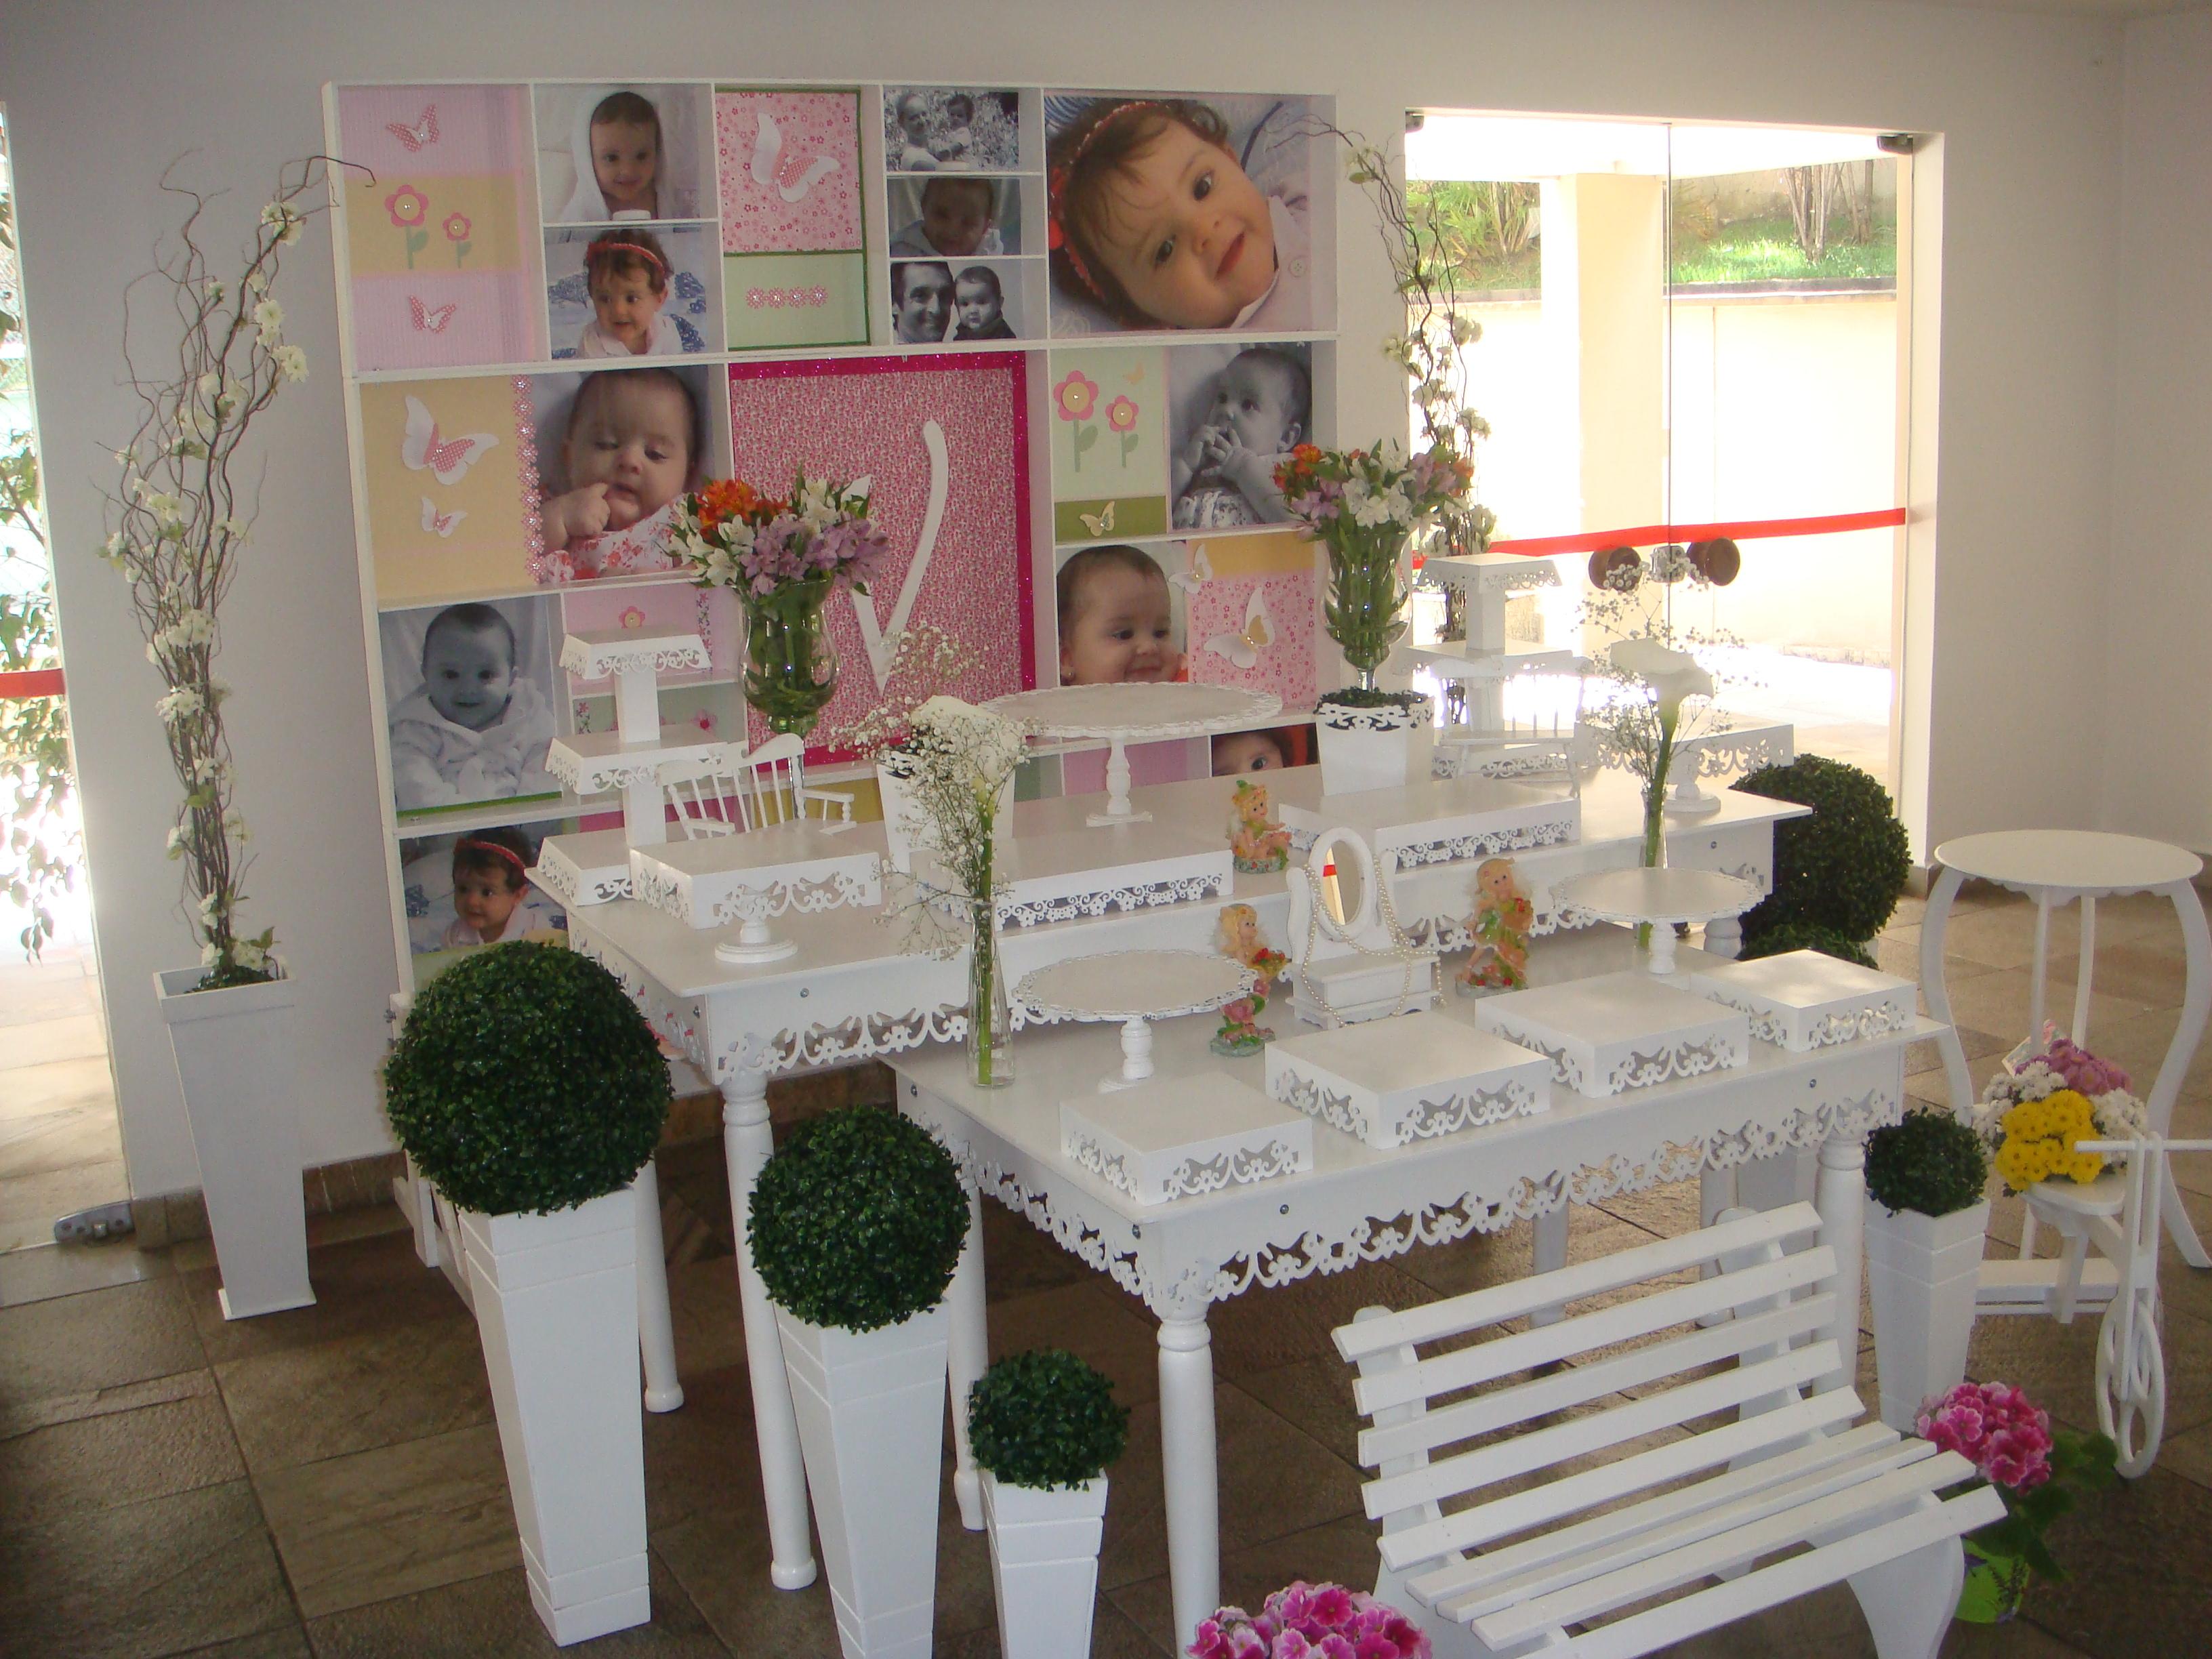 decoracao infantil jardim encantado provencal : decoracao infantil jardim encantado provencal:decoracao-provencal-12-jardim-encantado-decoracao-infantil